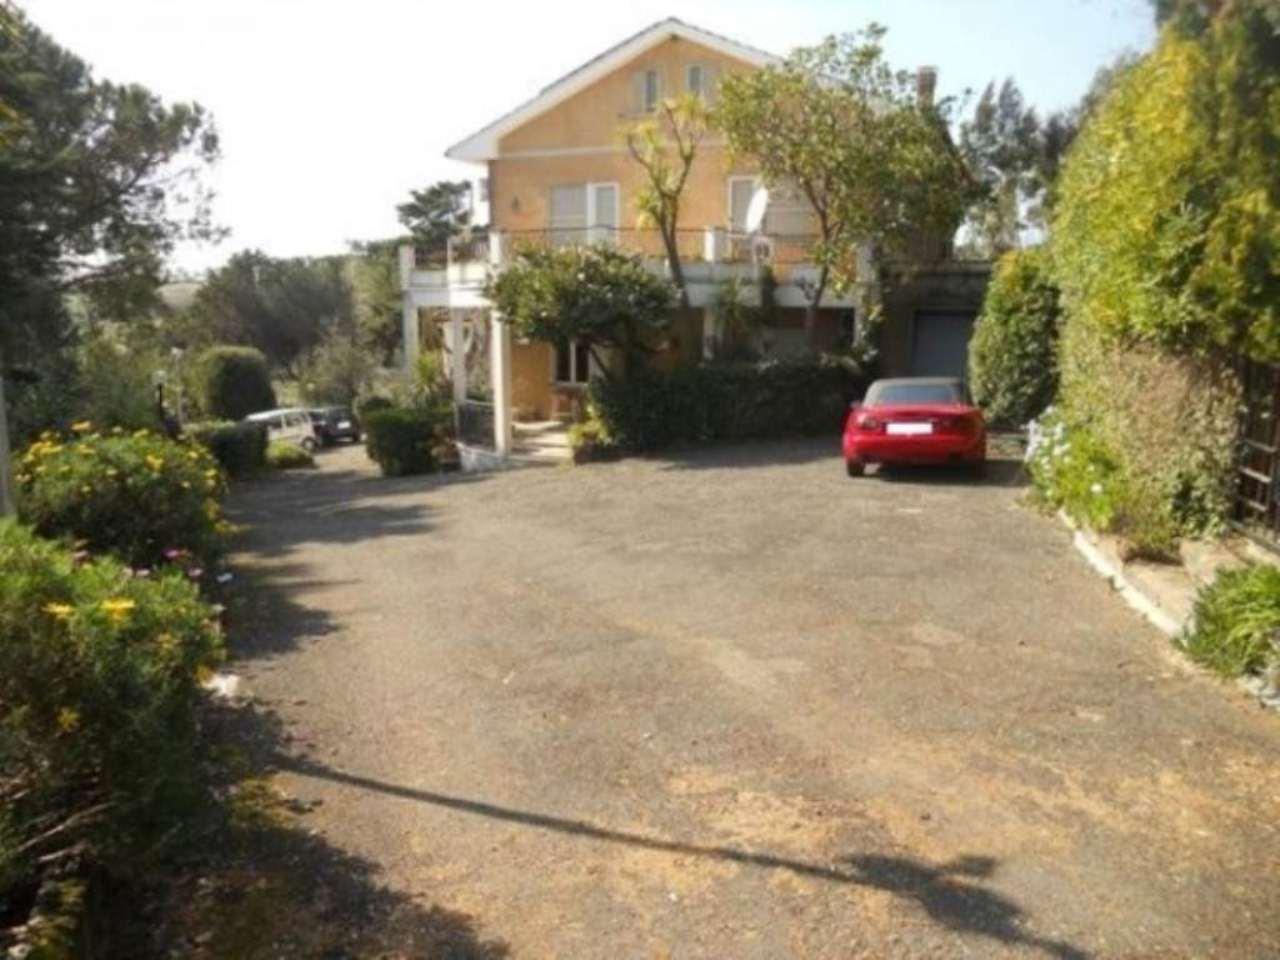 Villa in vendita a Santa Marinella, 6 locali, prezzo € 750.000 | Cambio Casa.it